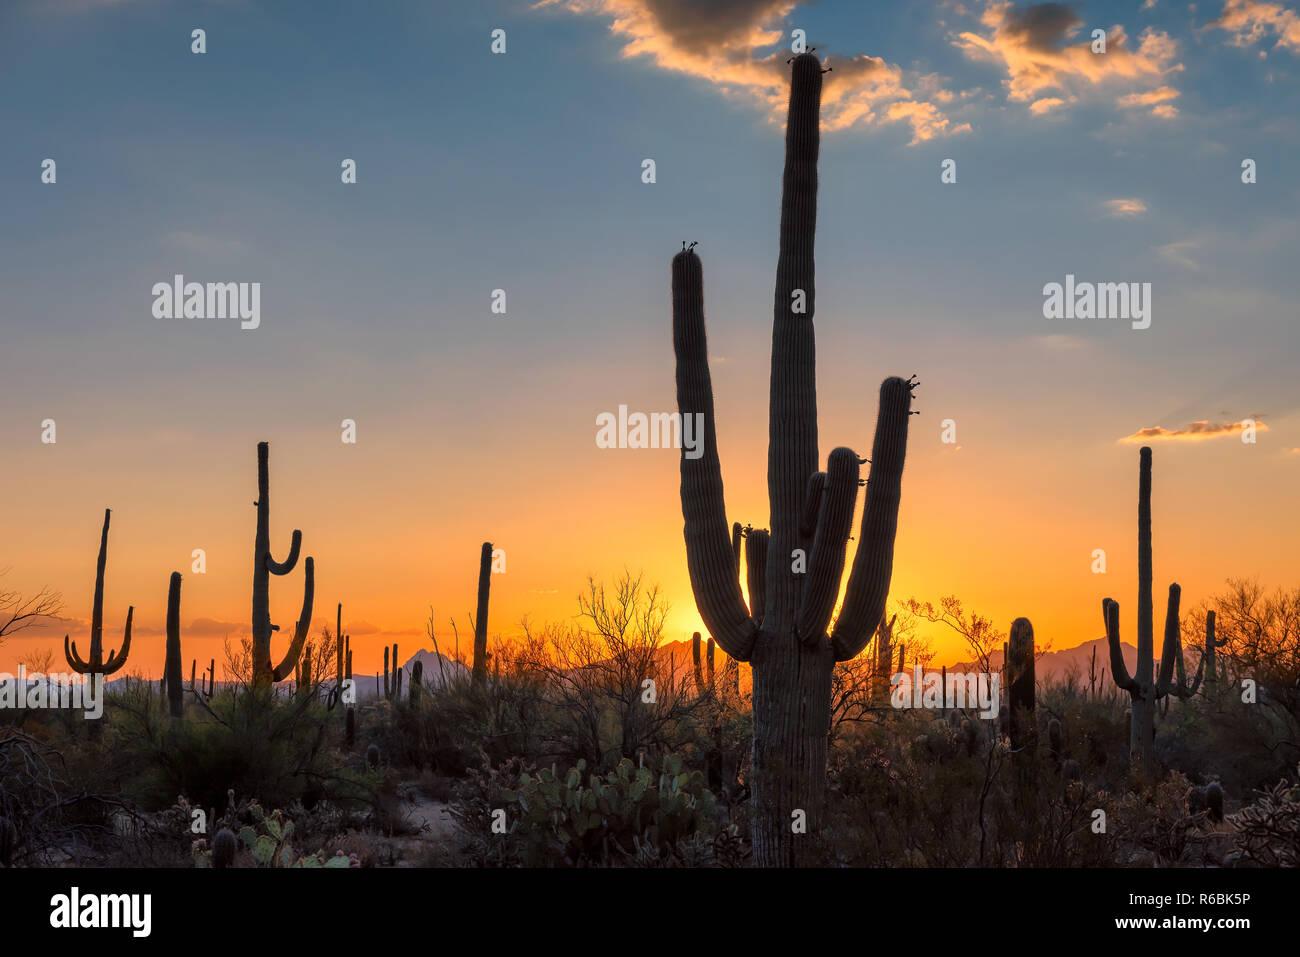 Saguaro-Kaktus bei Sonnenuntergang Stockfoto